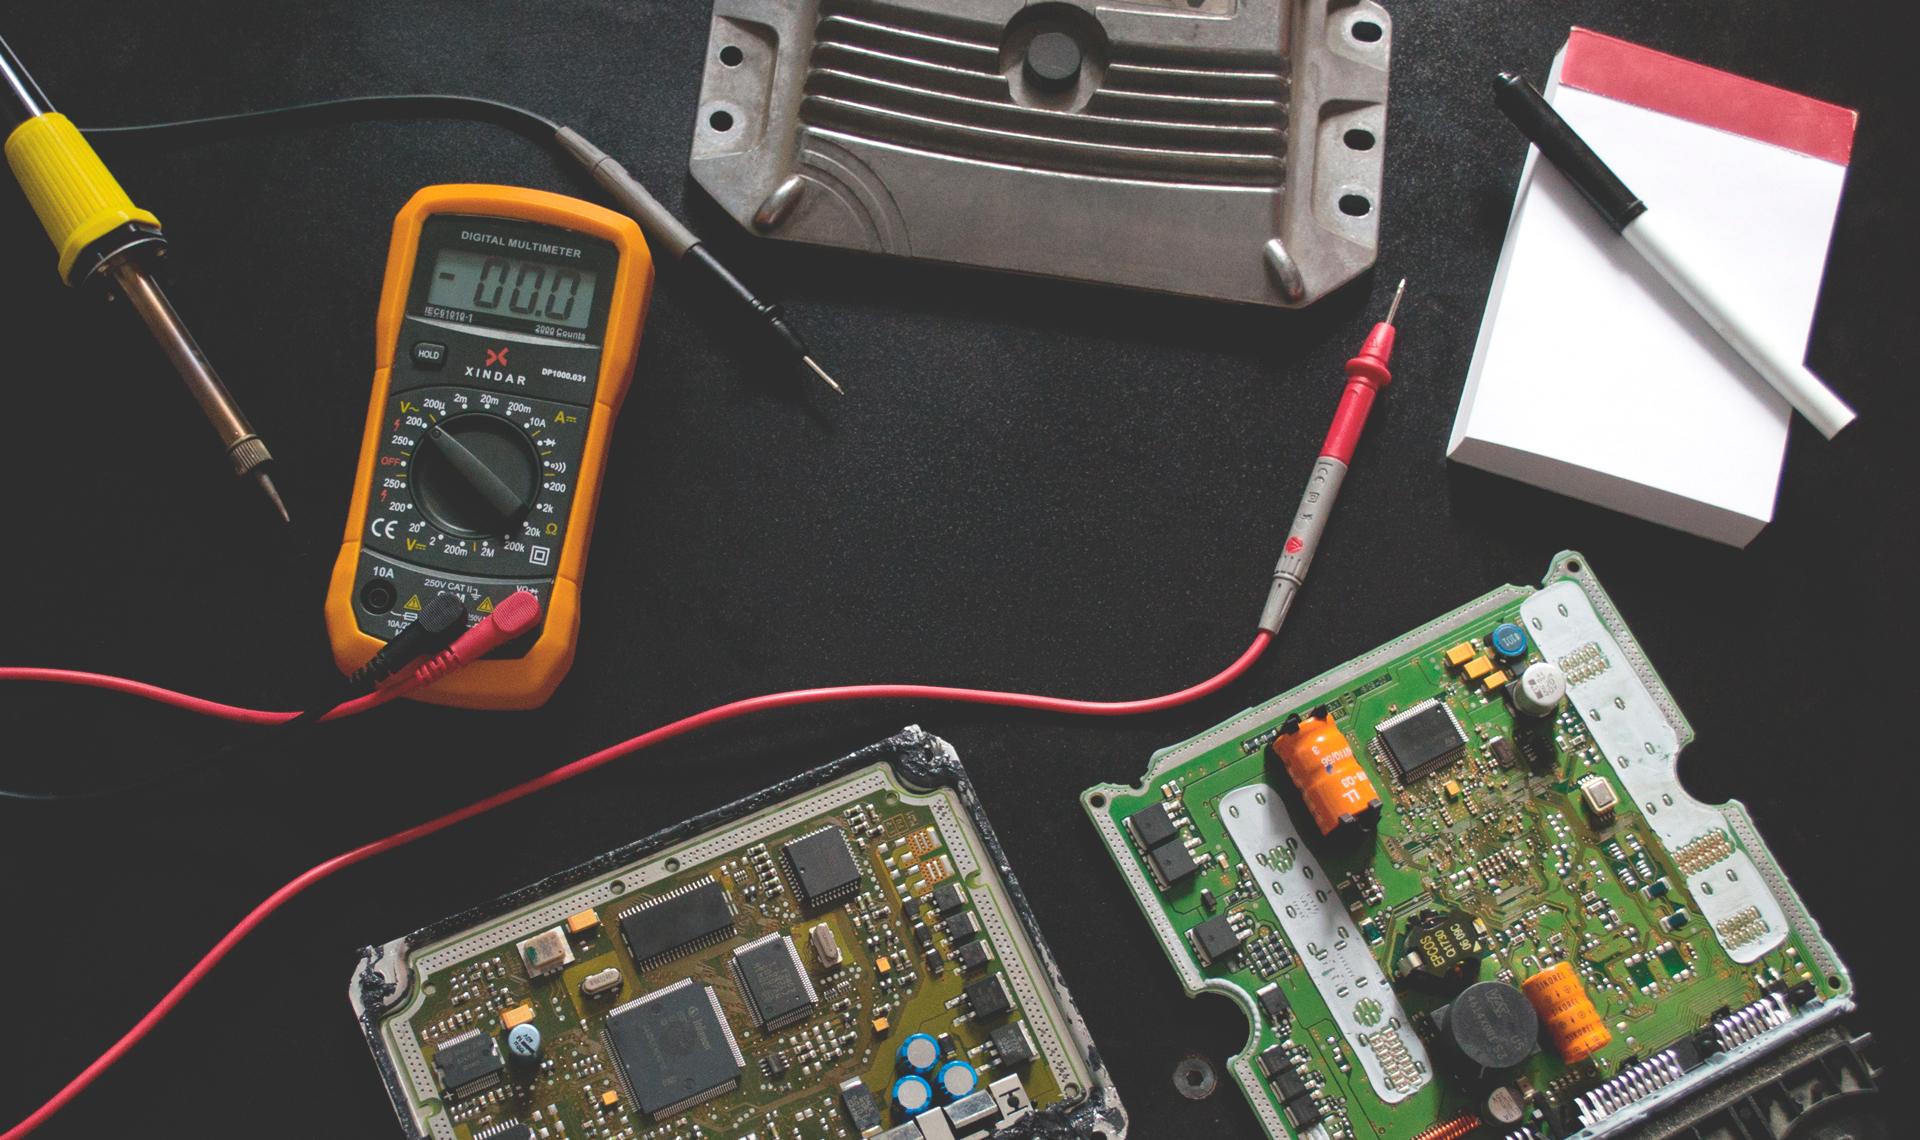 ecubros chiptuner -expertos en reprogramacion de vehiculos